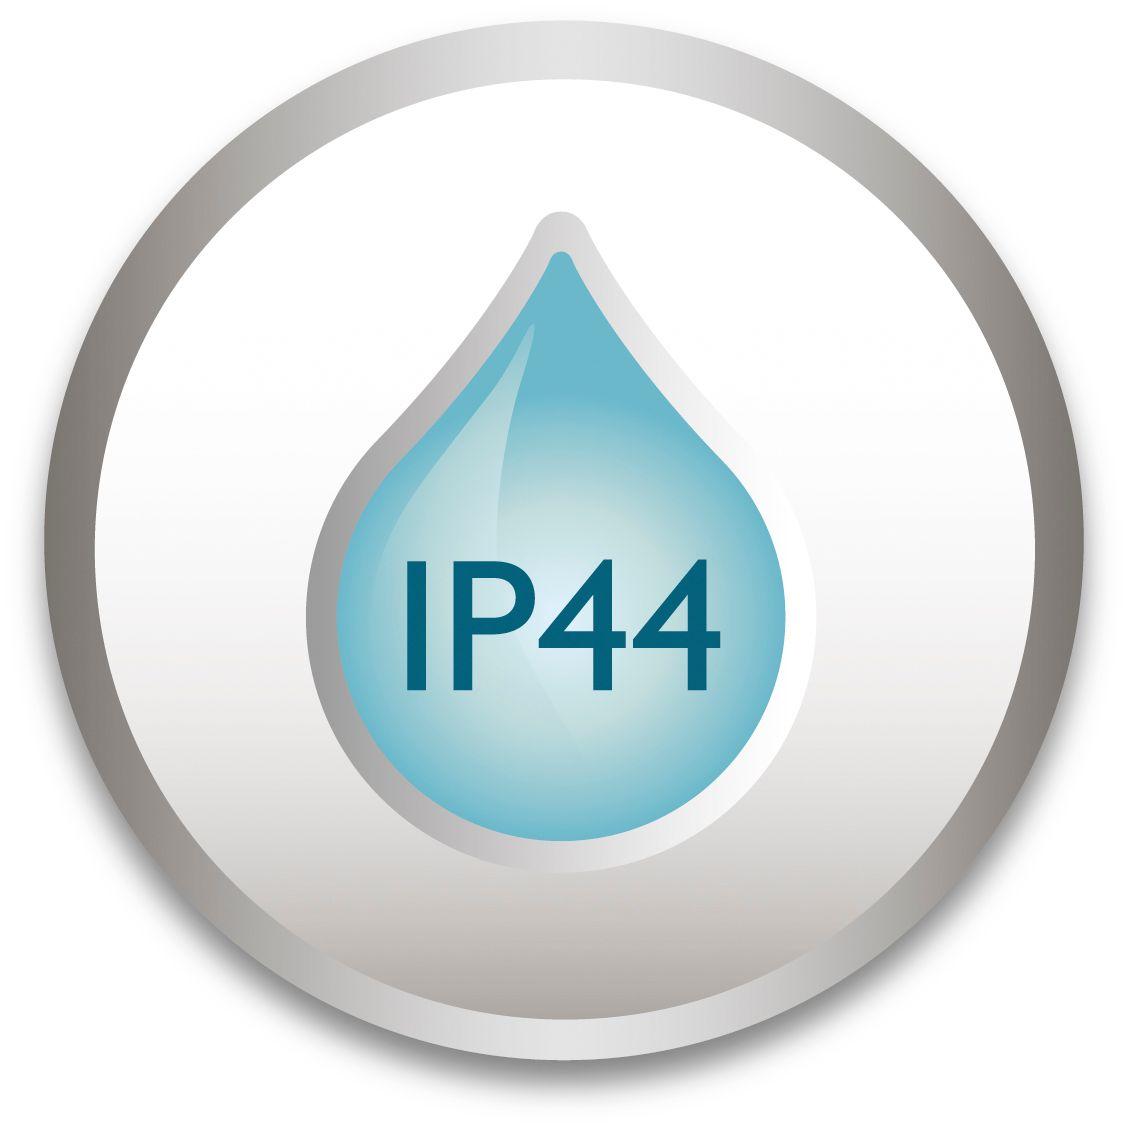 IP44, parfaitement adapté à votre salle de bains